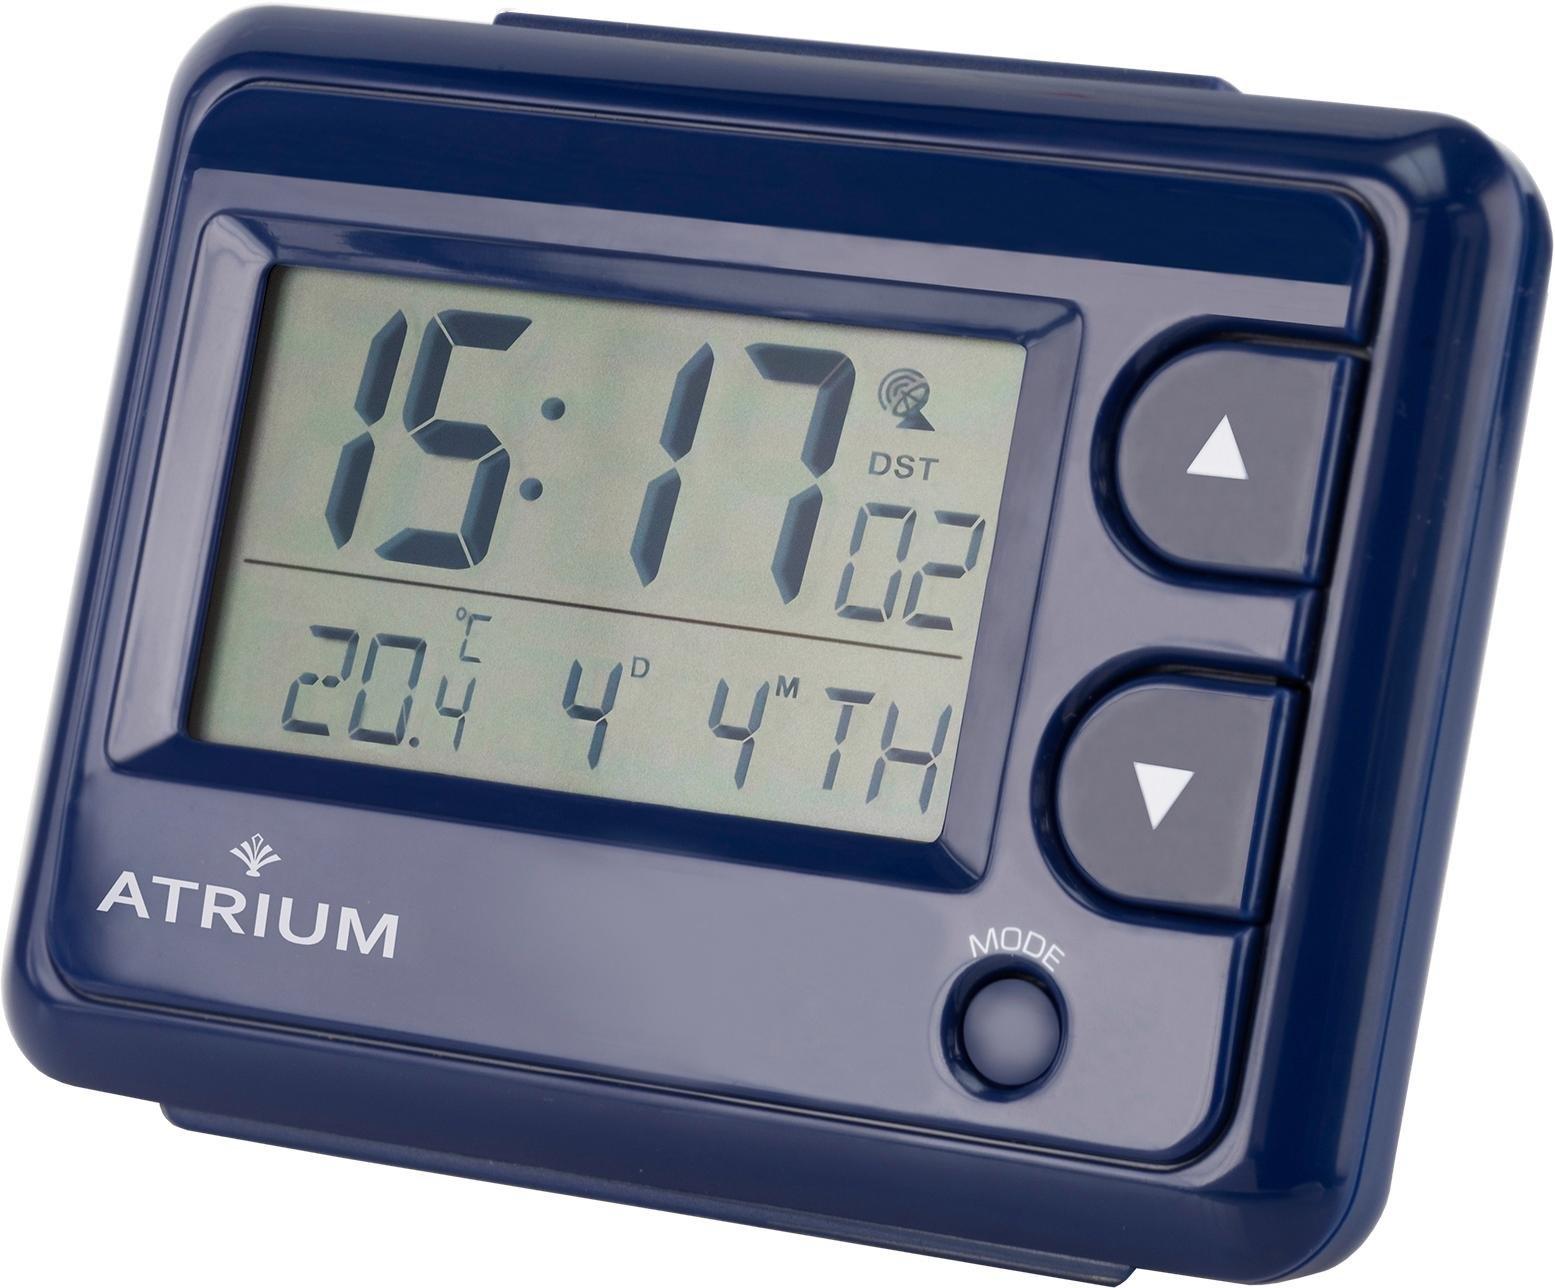 Atrium radiografische wekker A720-5 - verschillende betaalmethodes